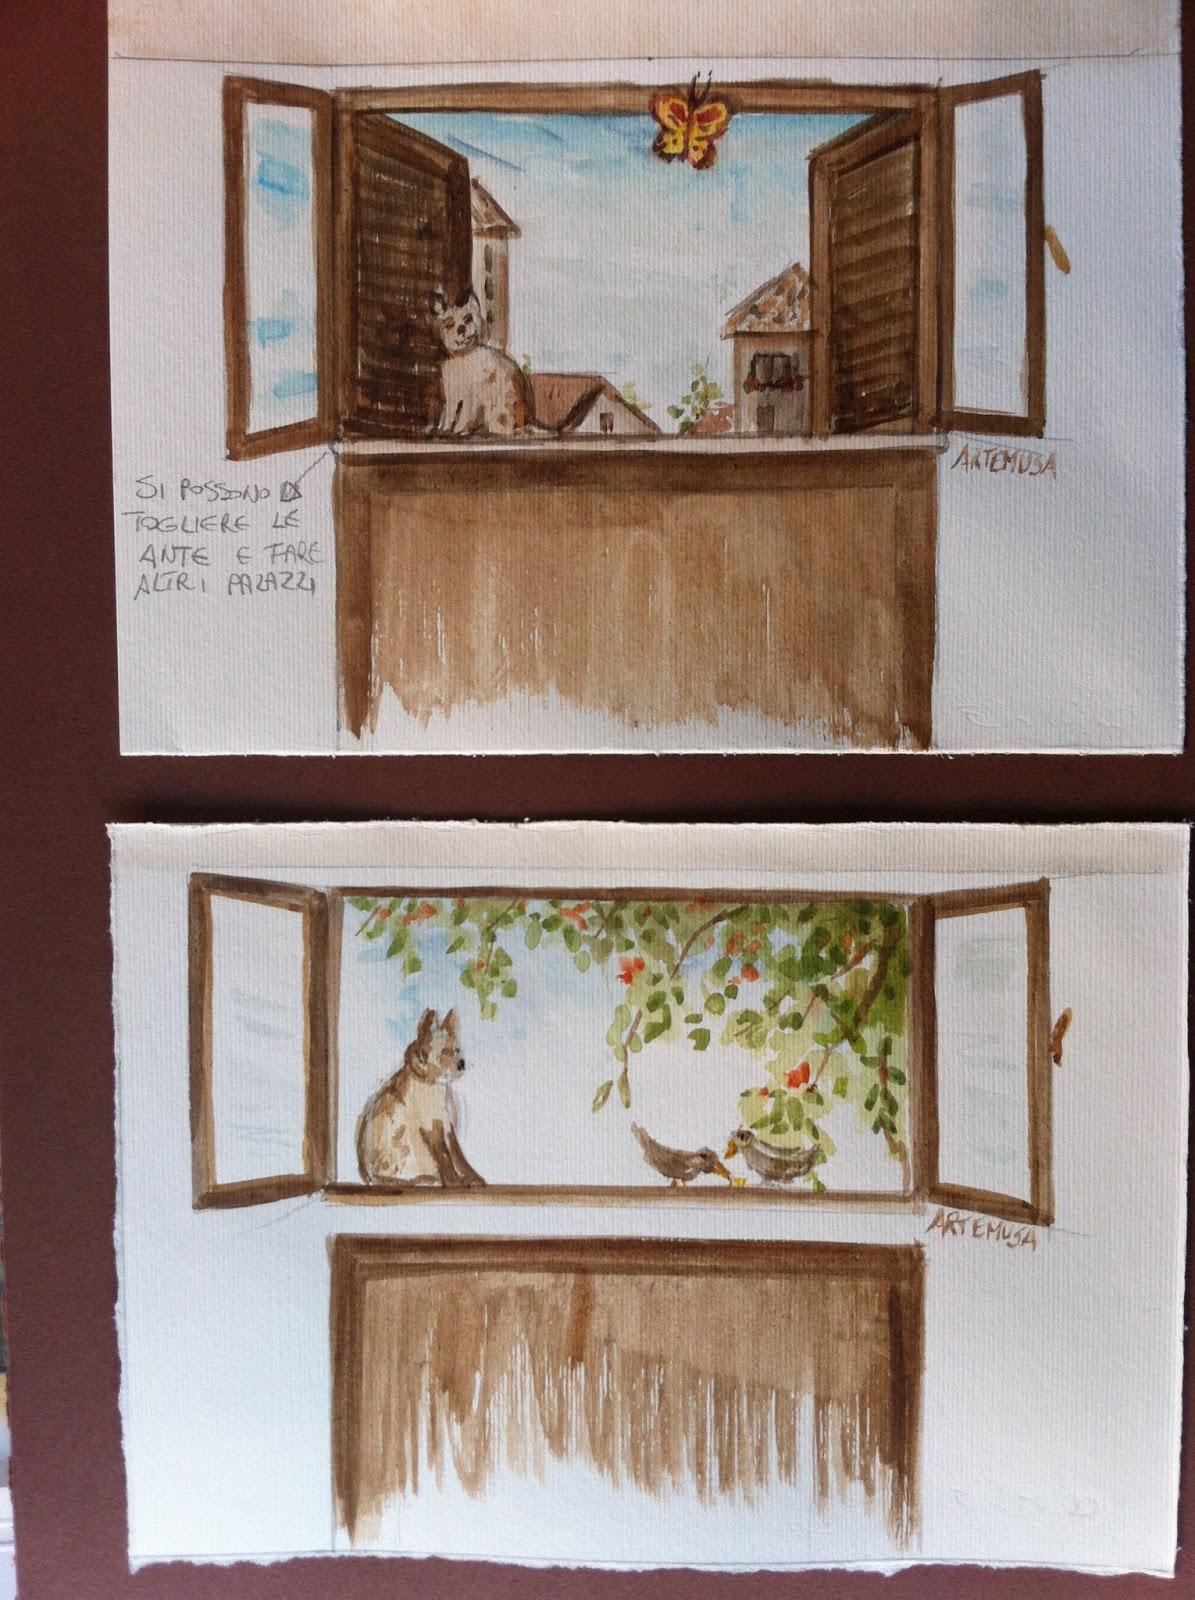 Artemusa decorazioni finestra trompe l 39 oeil - Trompe l oeil finestra ...